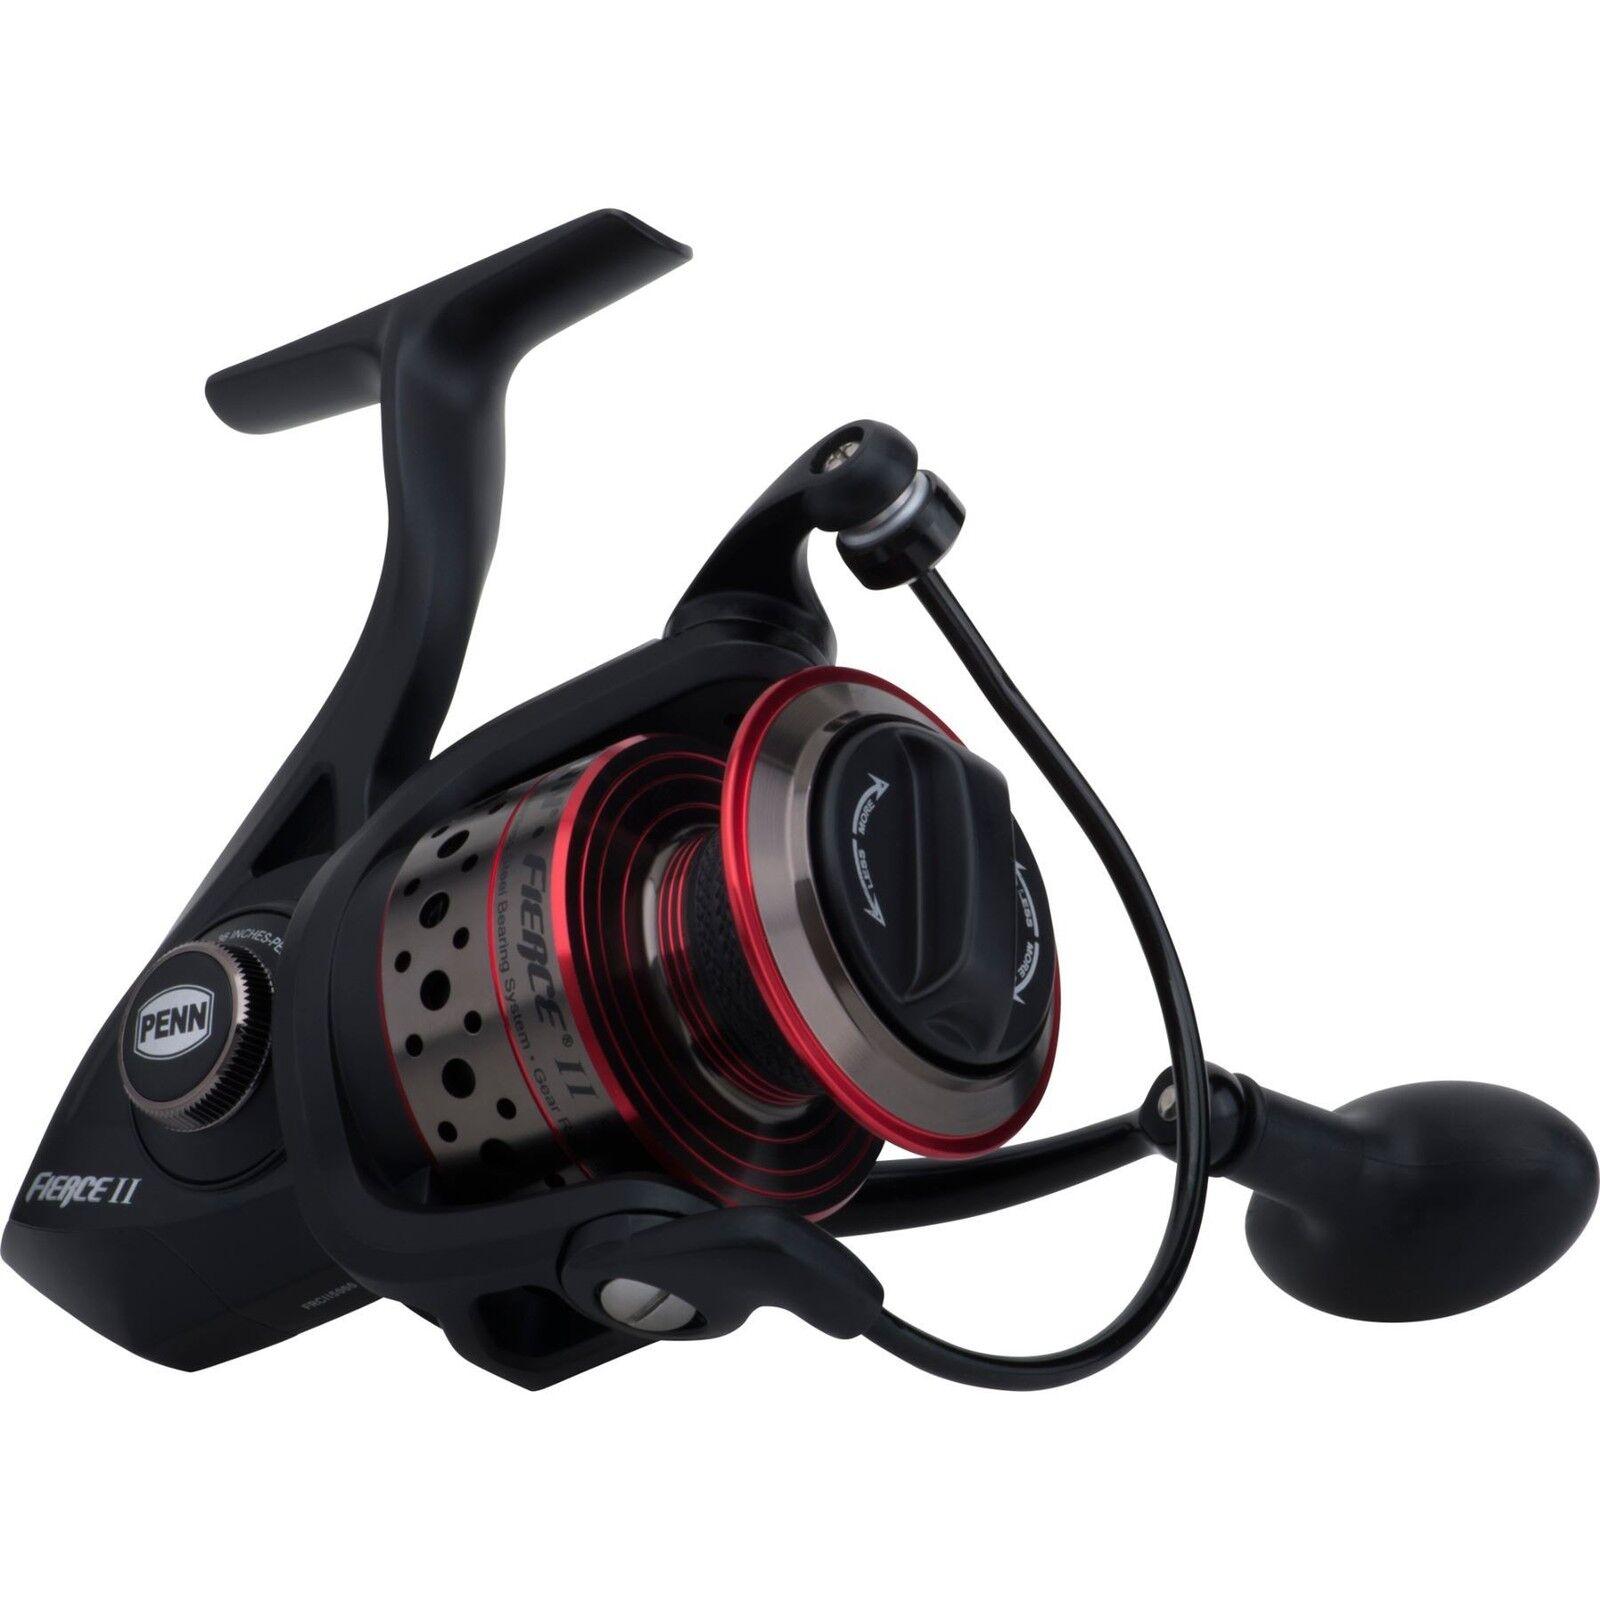 Penn Fierce II 5000    Fishing Reel   1364040  happy shopping